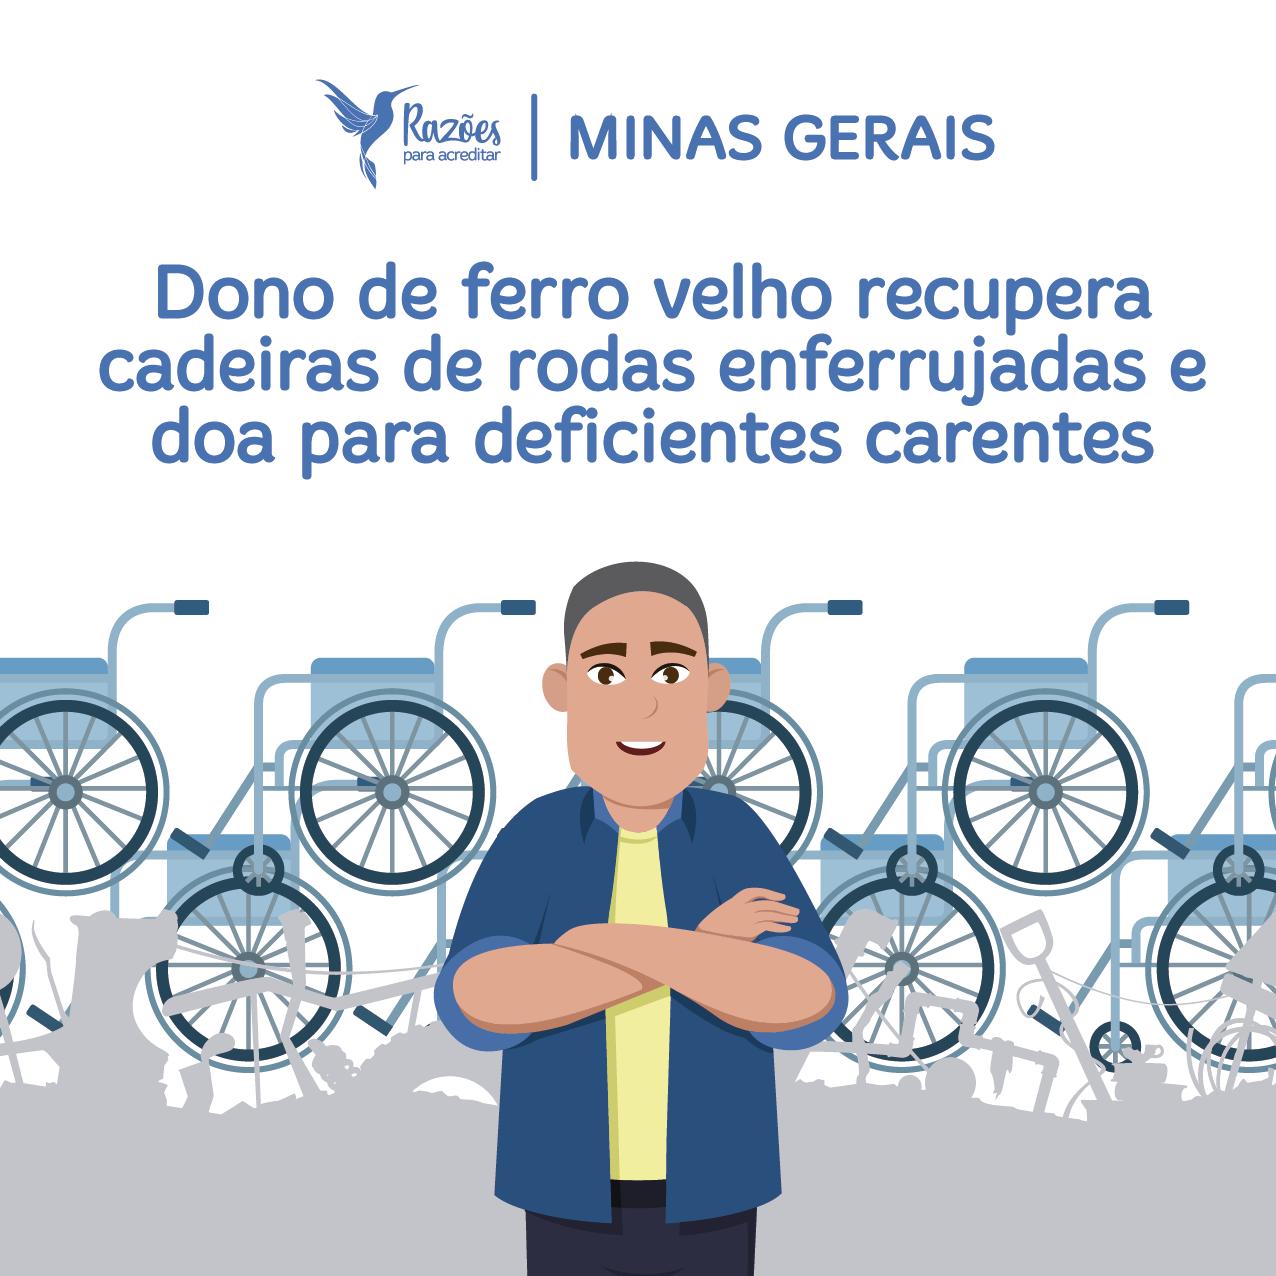 boas notícias ilustrações razões para acreditar Minas Gerais